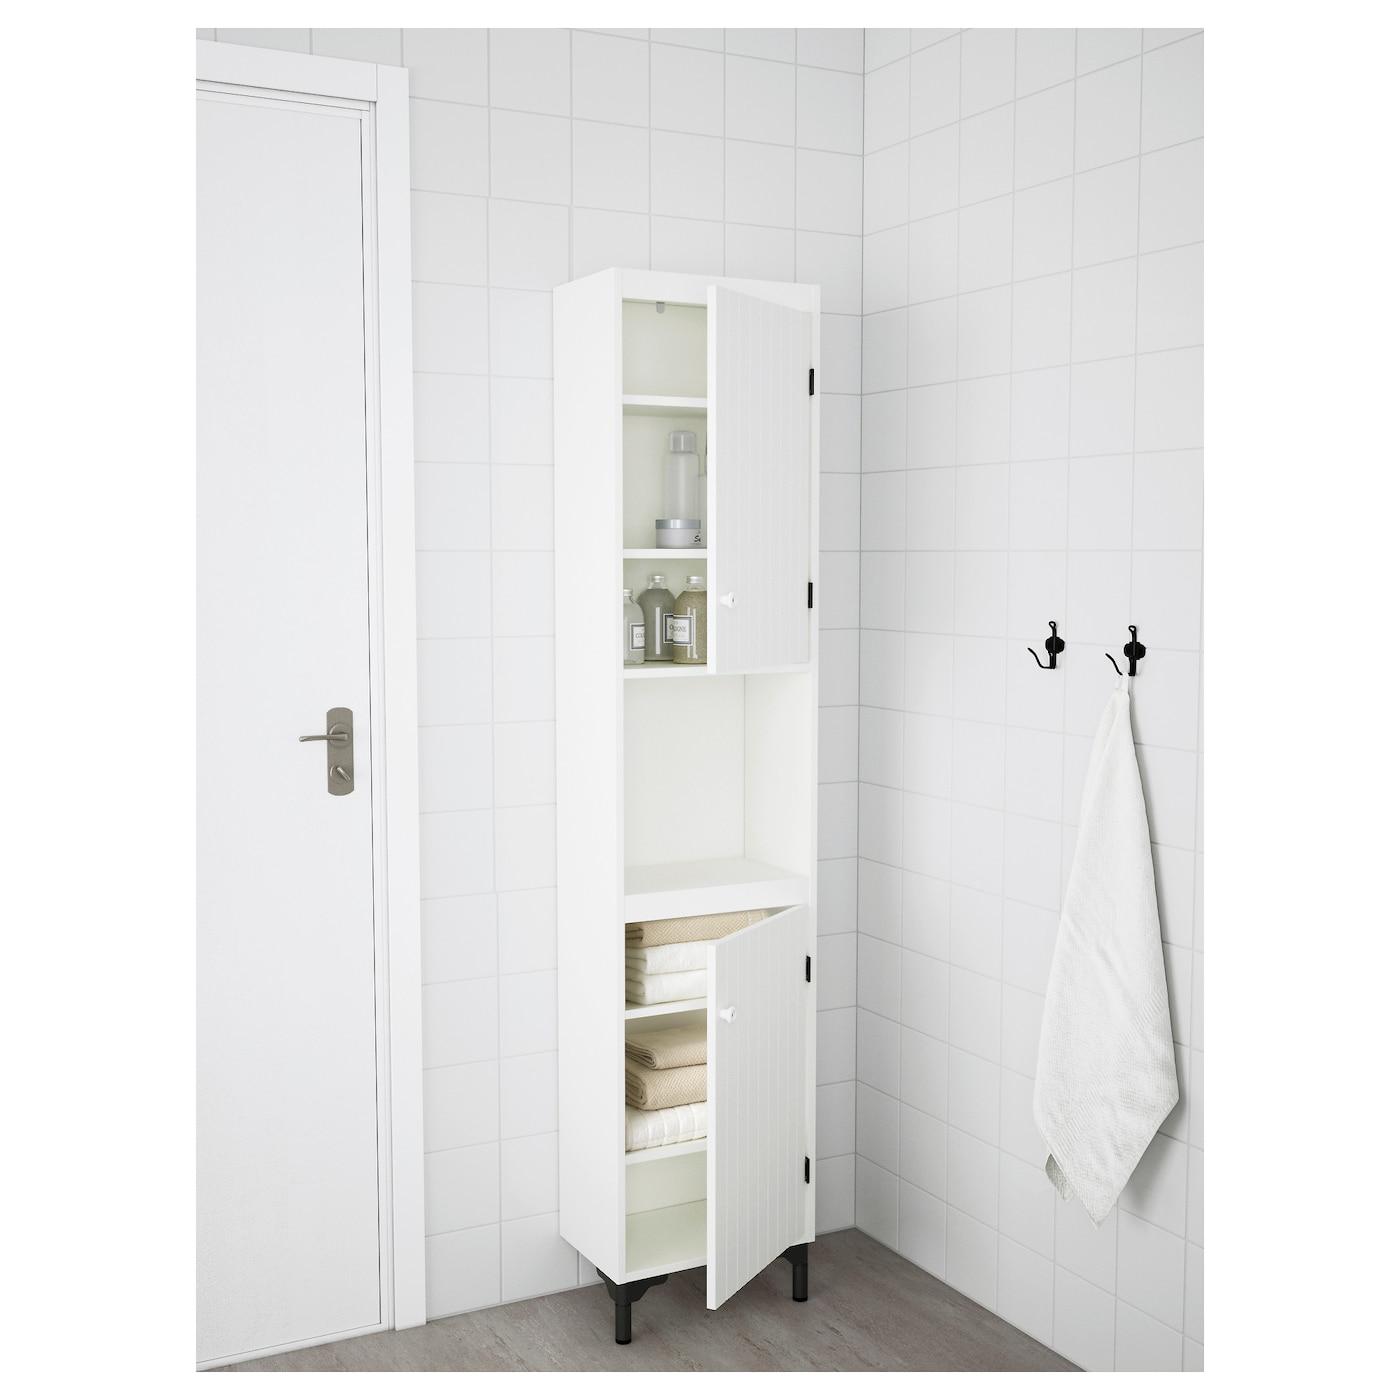 Ideas Ikea Para Espacios Pequeños ~ IKEA SILVERÅN high cabinet with 2 doors You can mount the door to